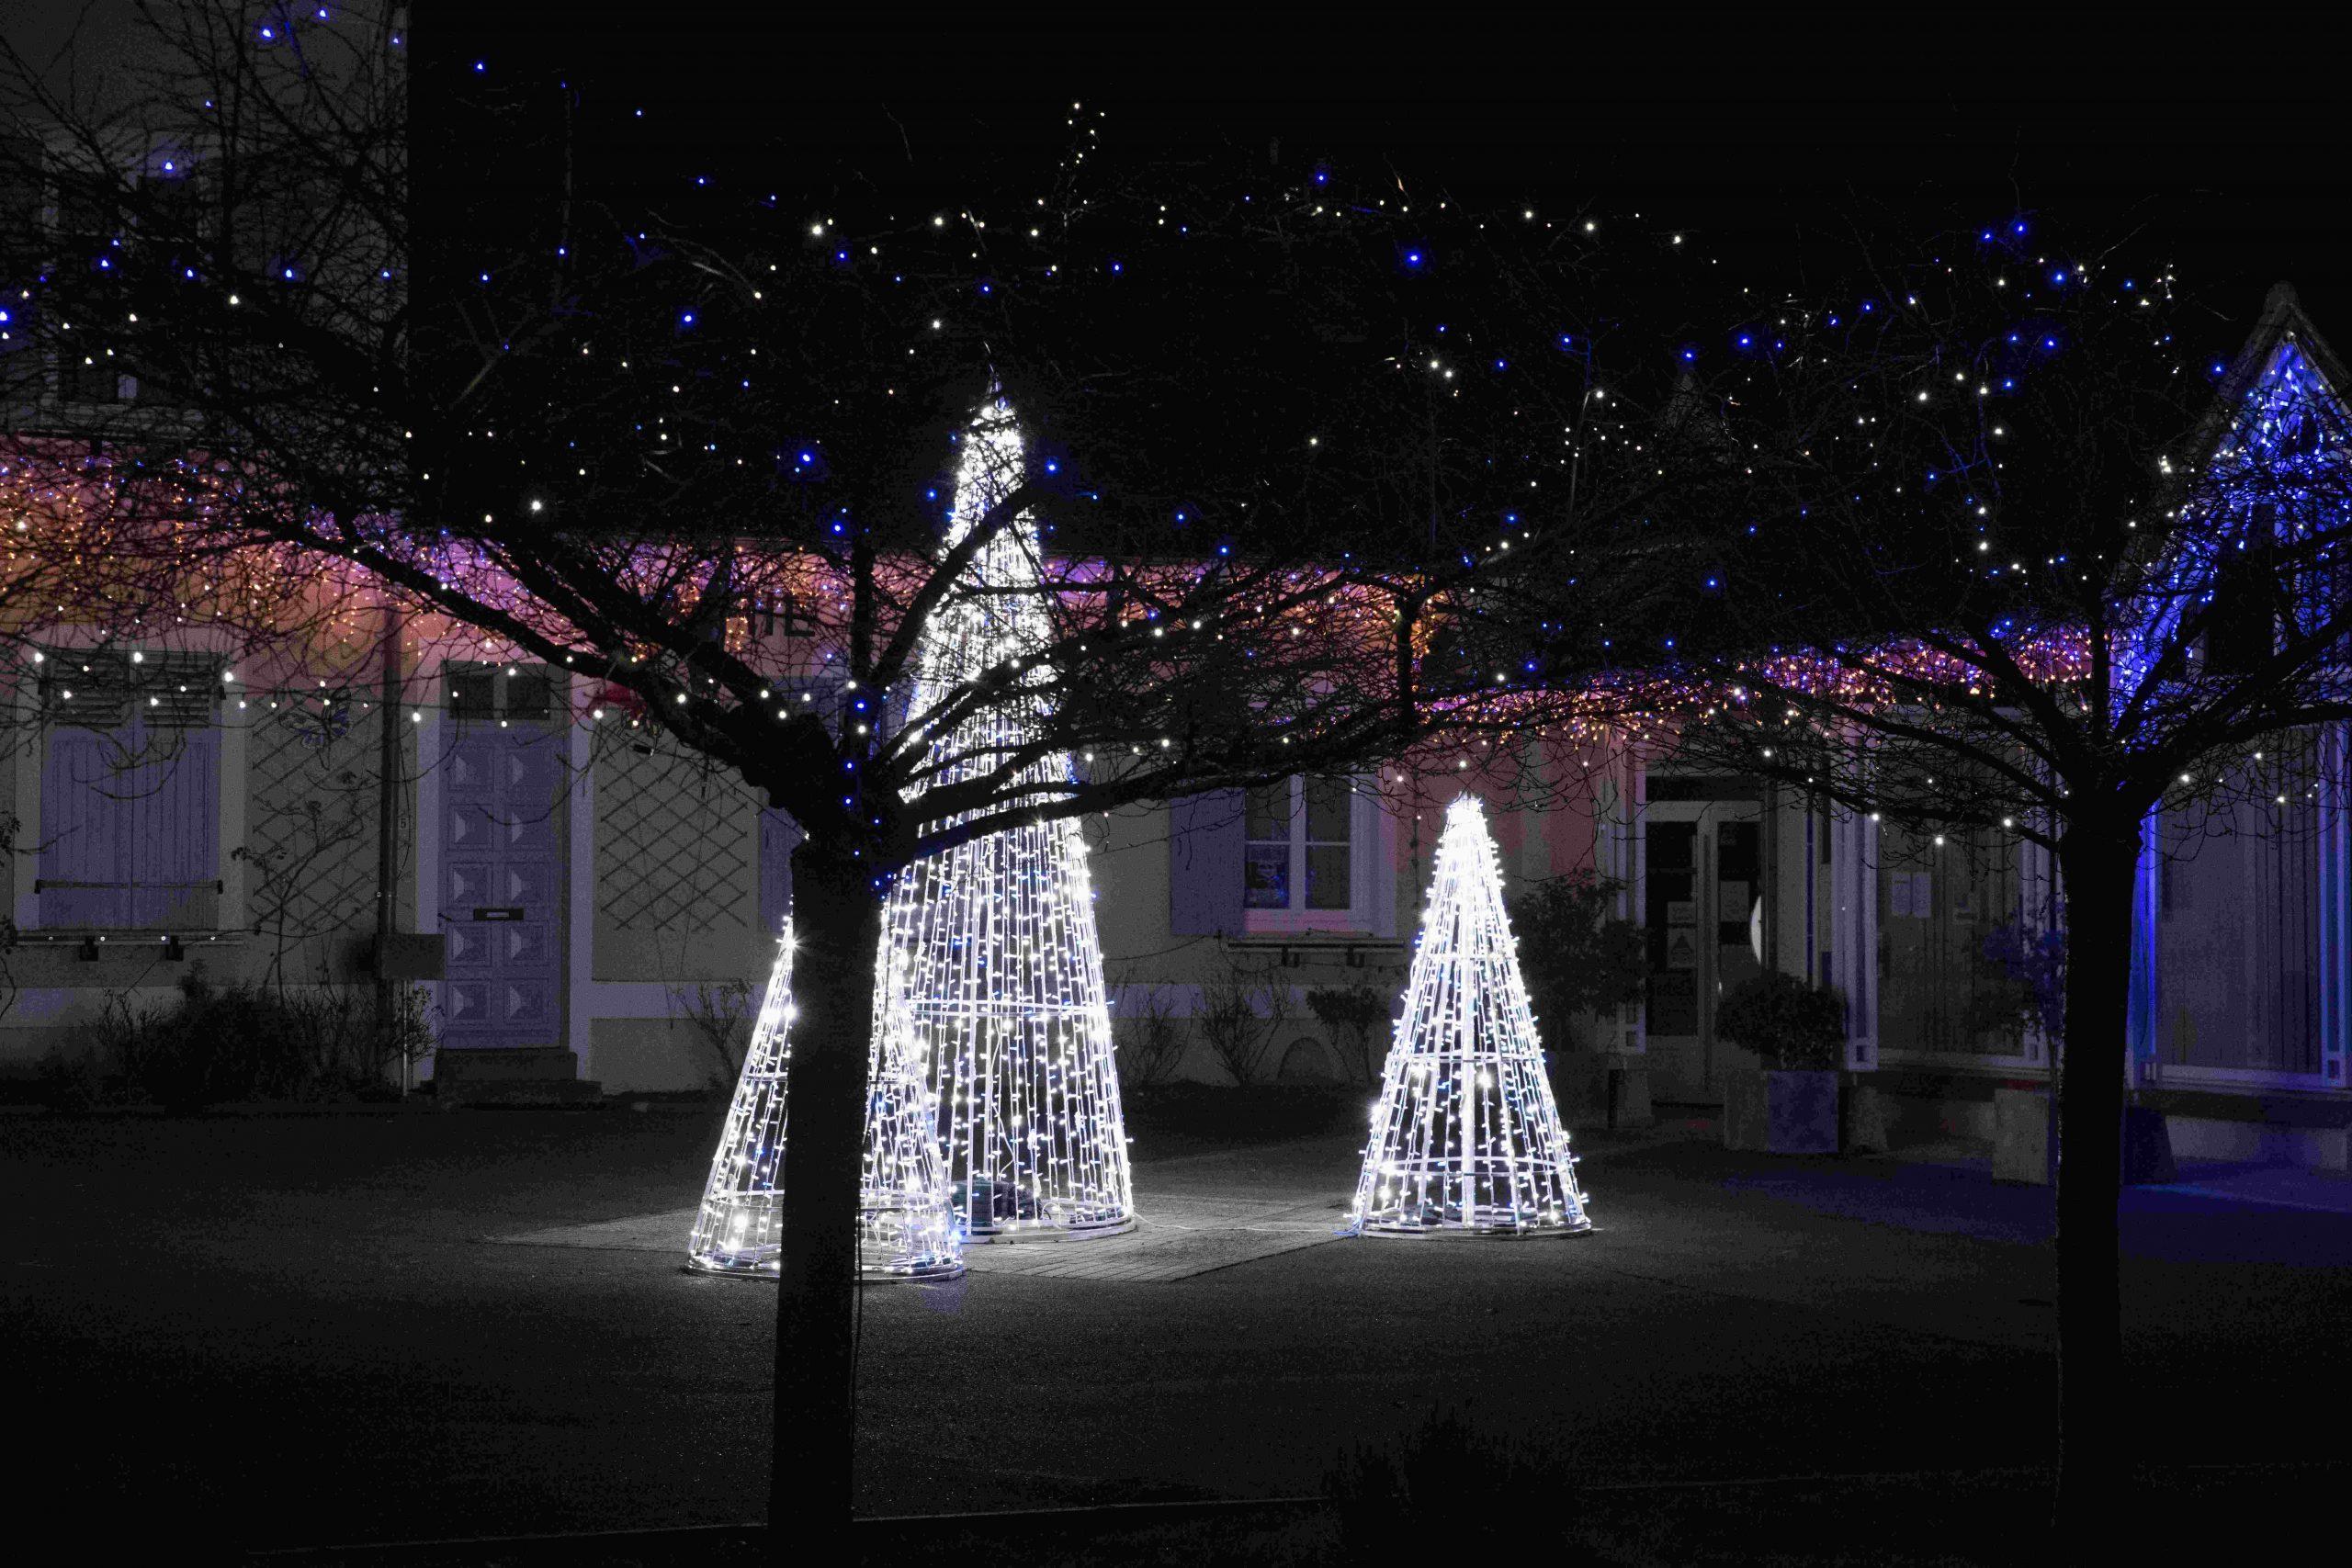 Illuminations & sapins - Mairie de Ponthévrard